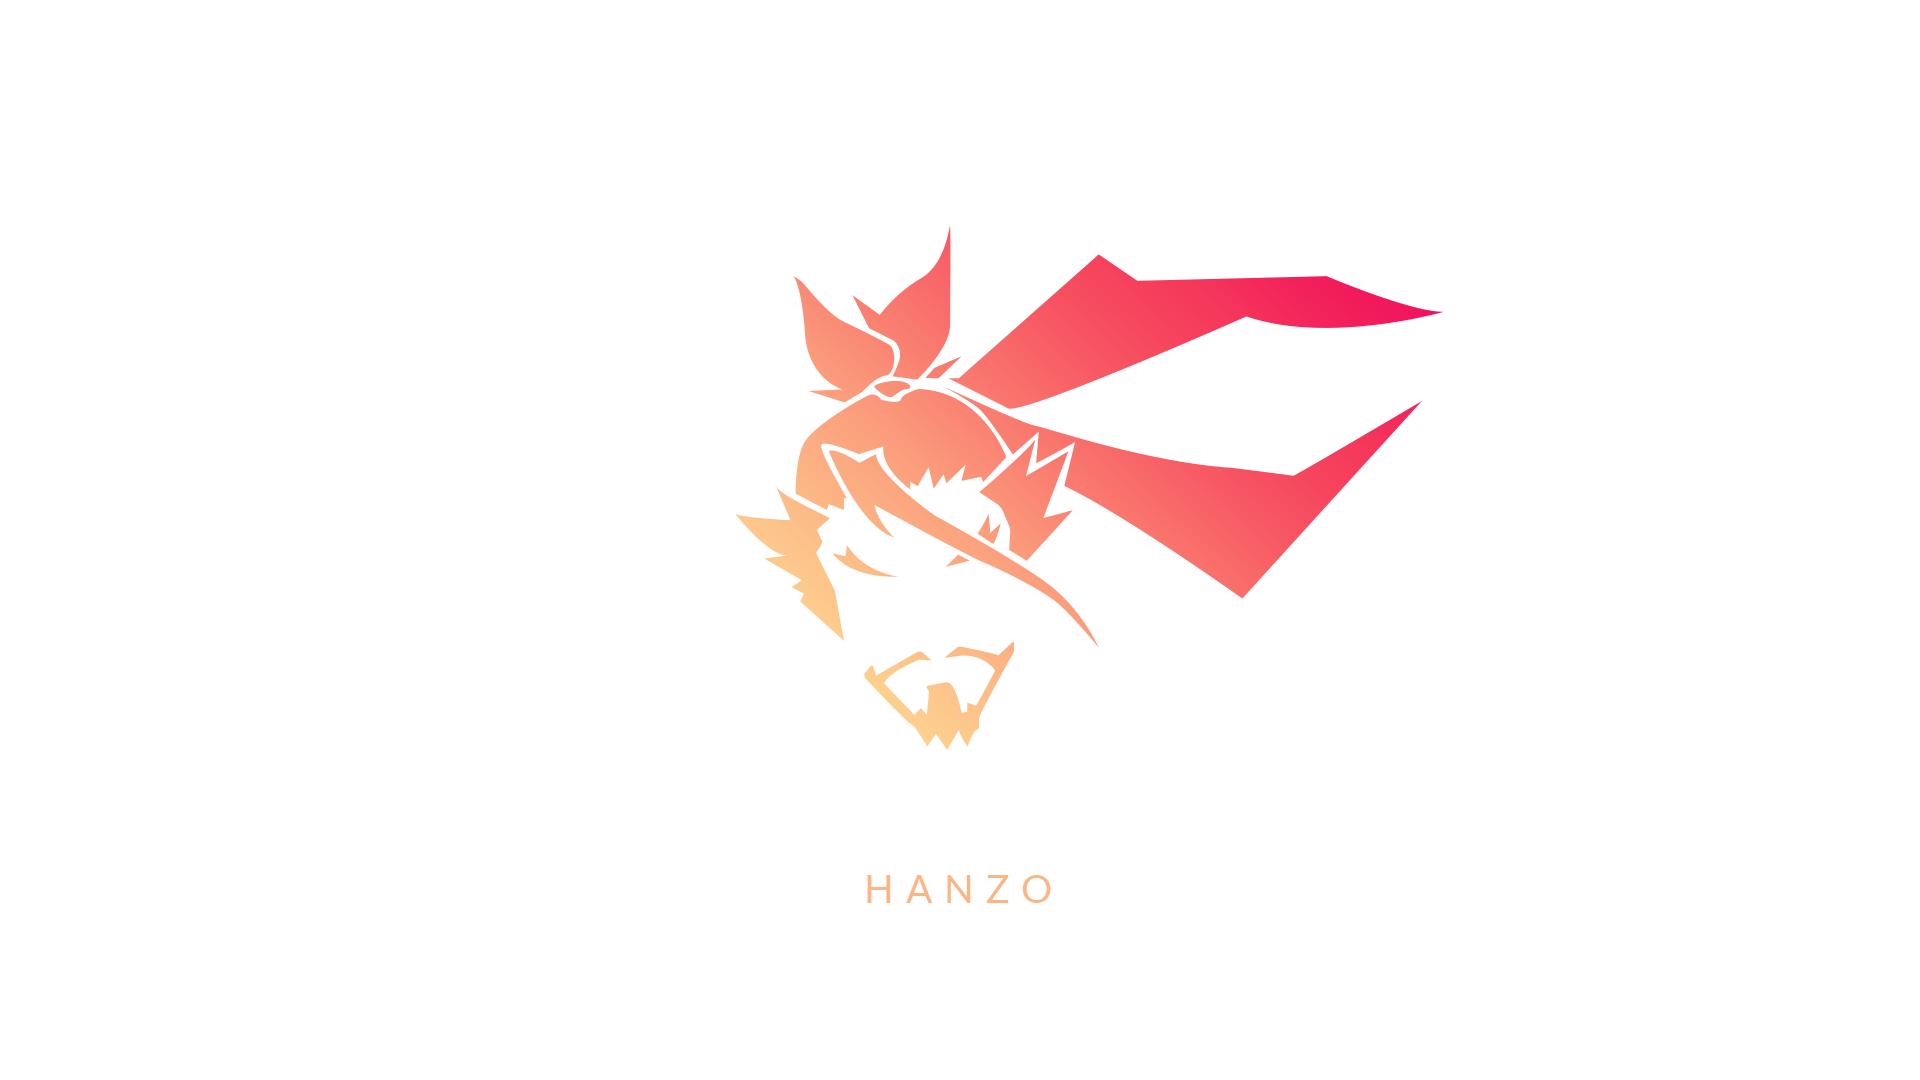 Hanzov2